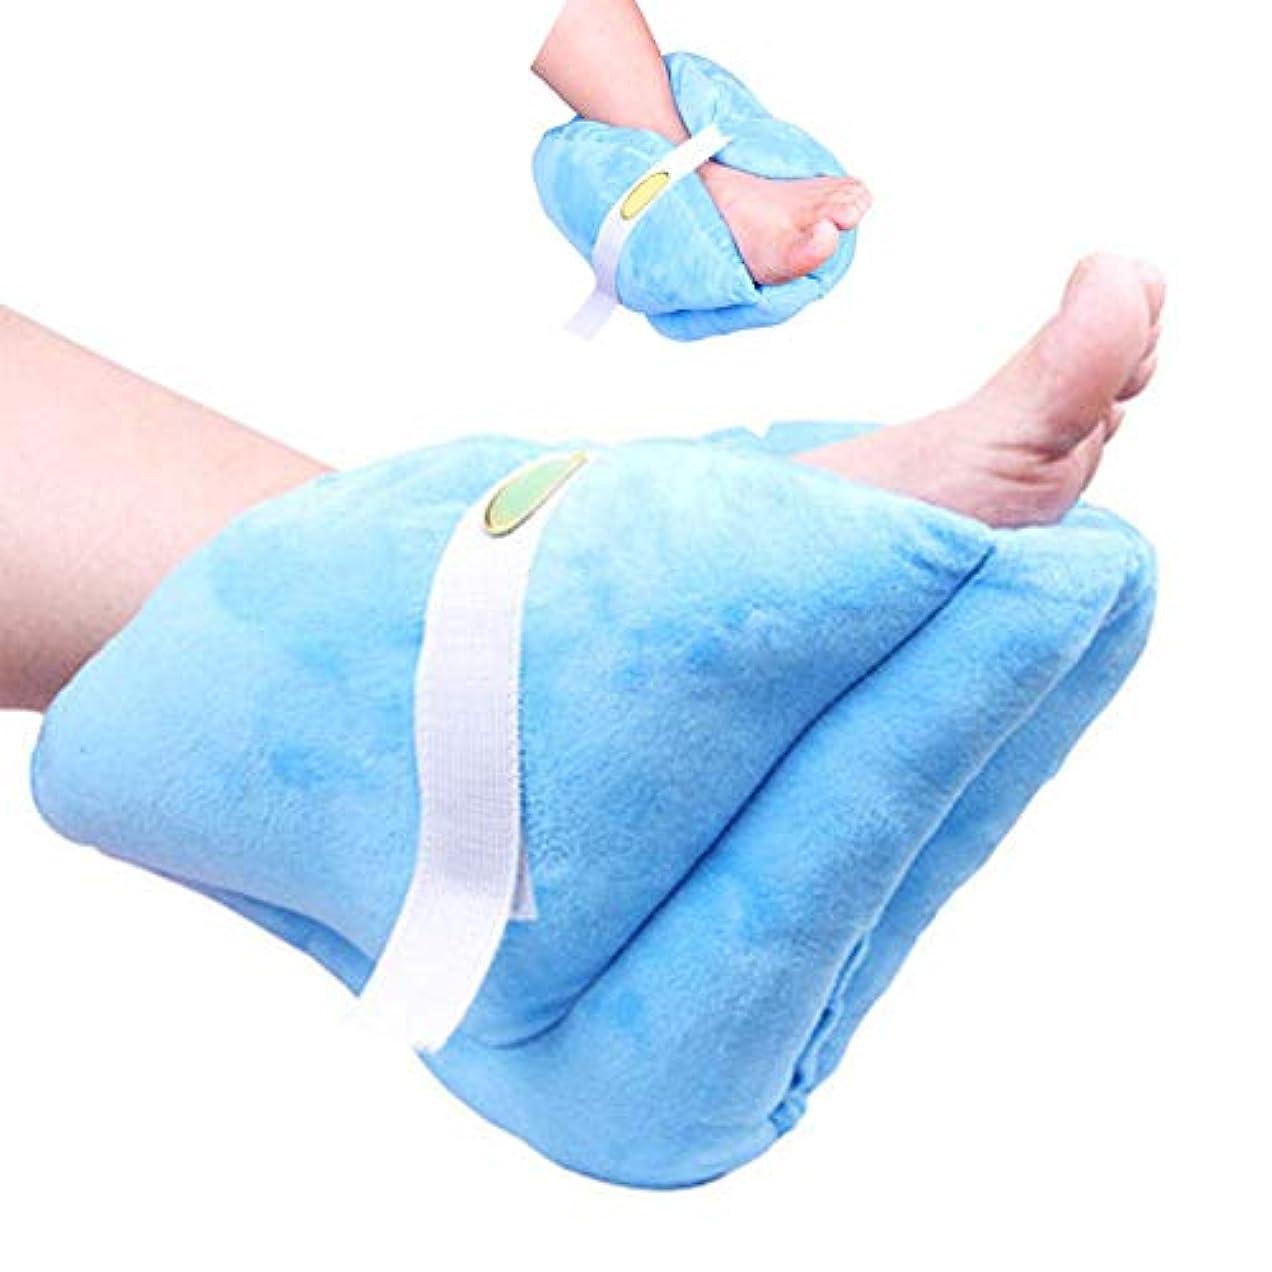 ヒールクッションプロテクター、足と足首の枕 、足の圧力を緩和し、褥瘡を保護します